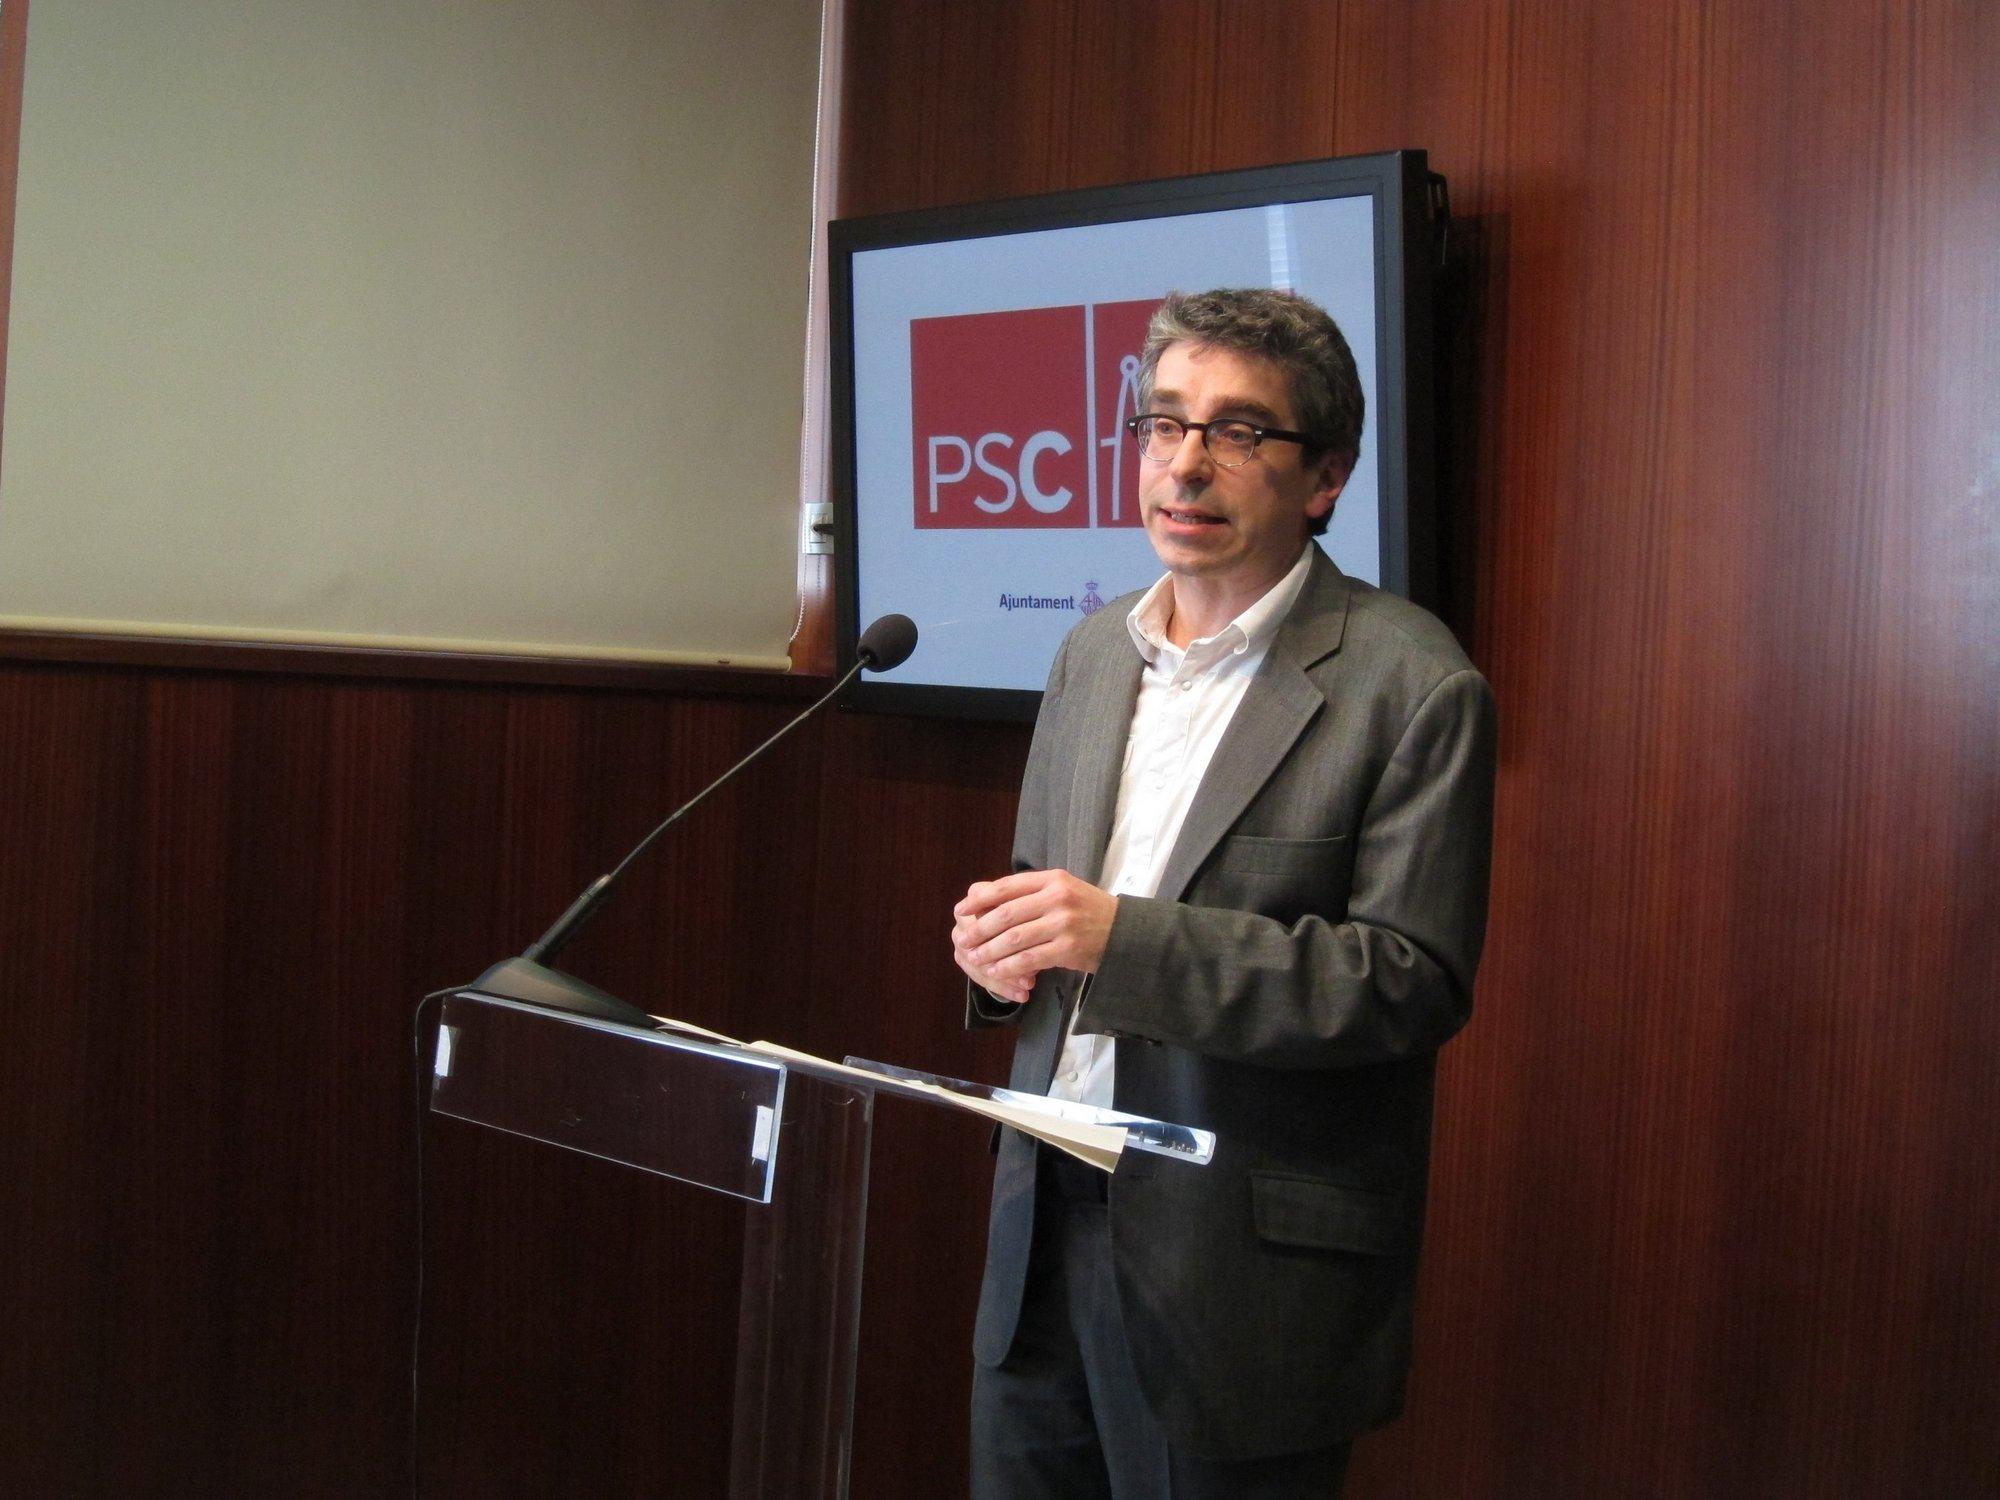 Colomé sustituye a Escarp como portavoz del PSC en el Ayuntamiento de Barcelona